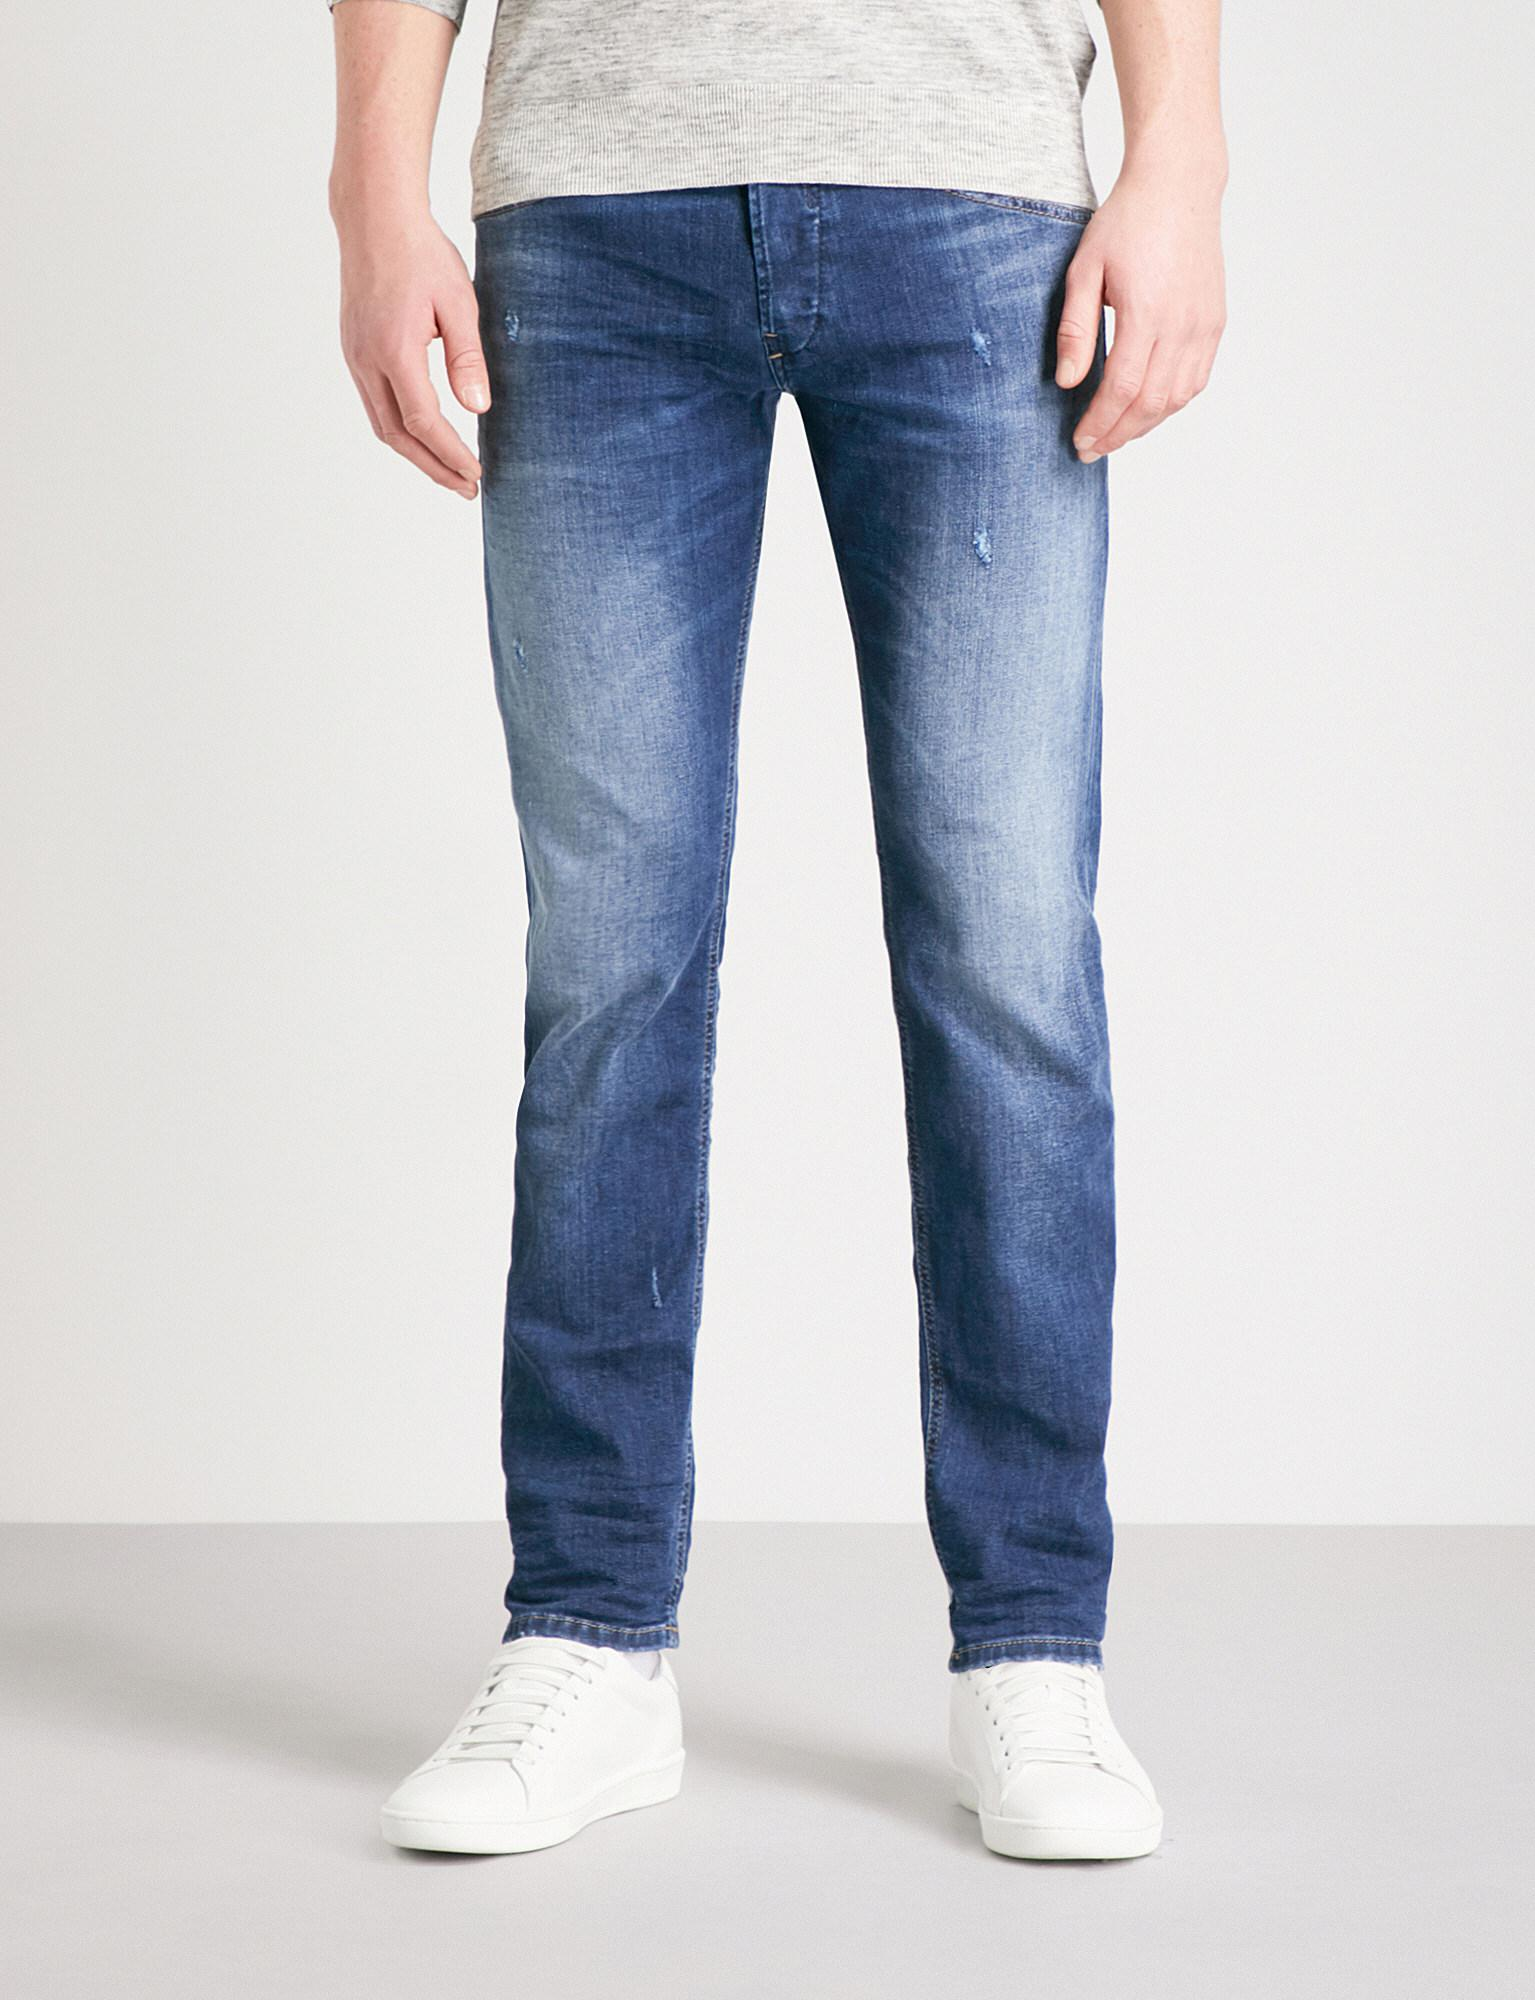 DIESEL. Men's Blue Belther Regular-fit Tapered Jeans